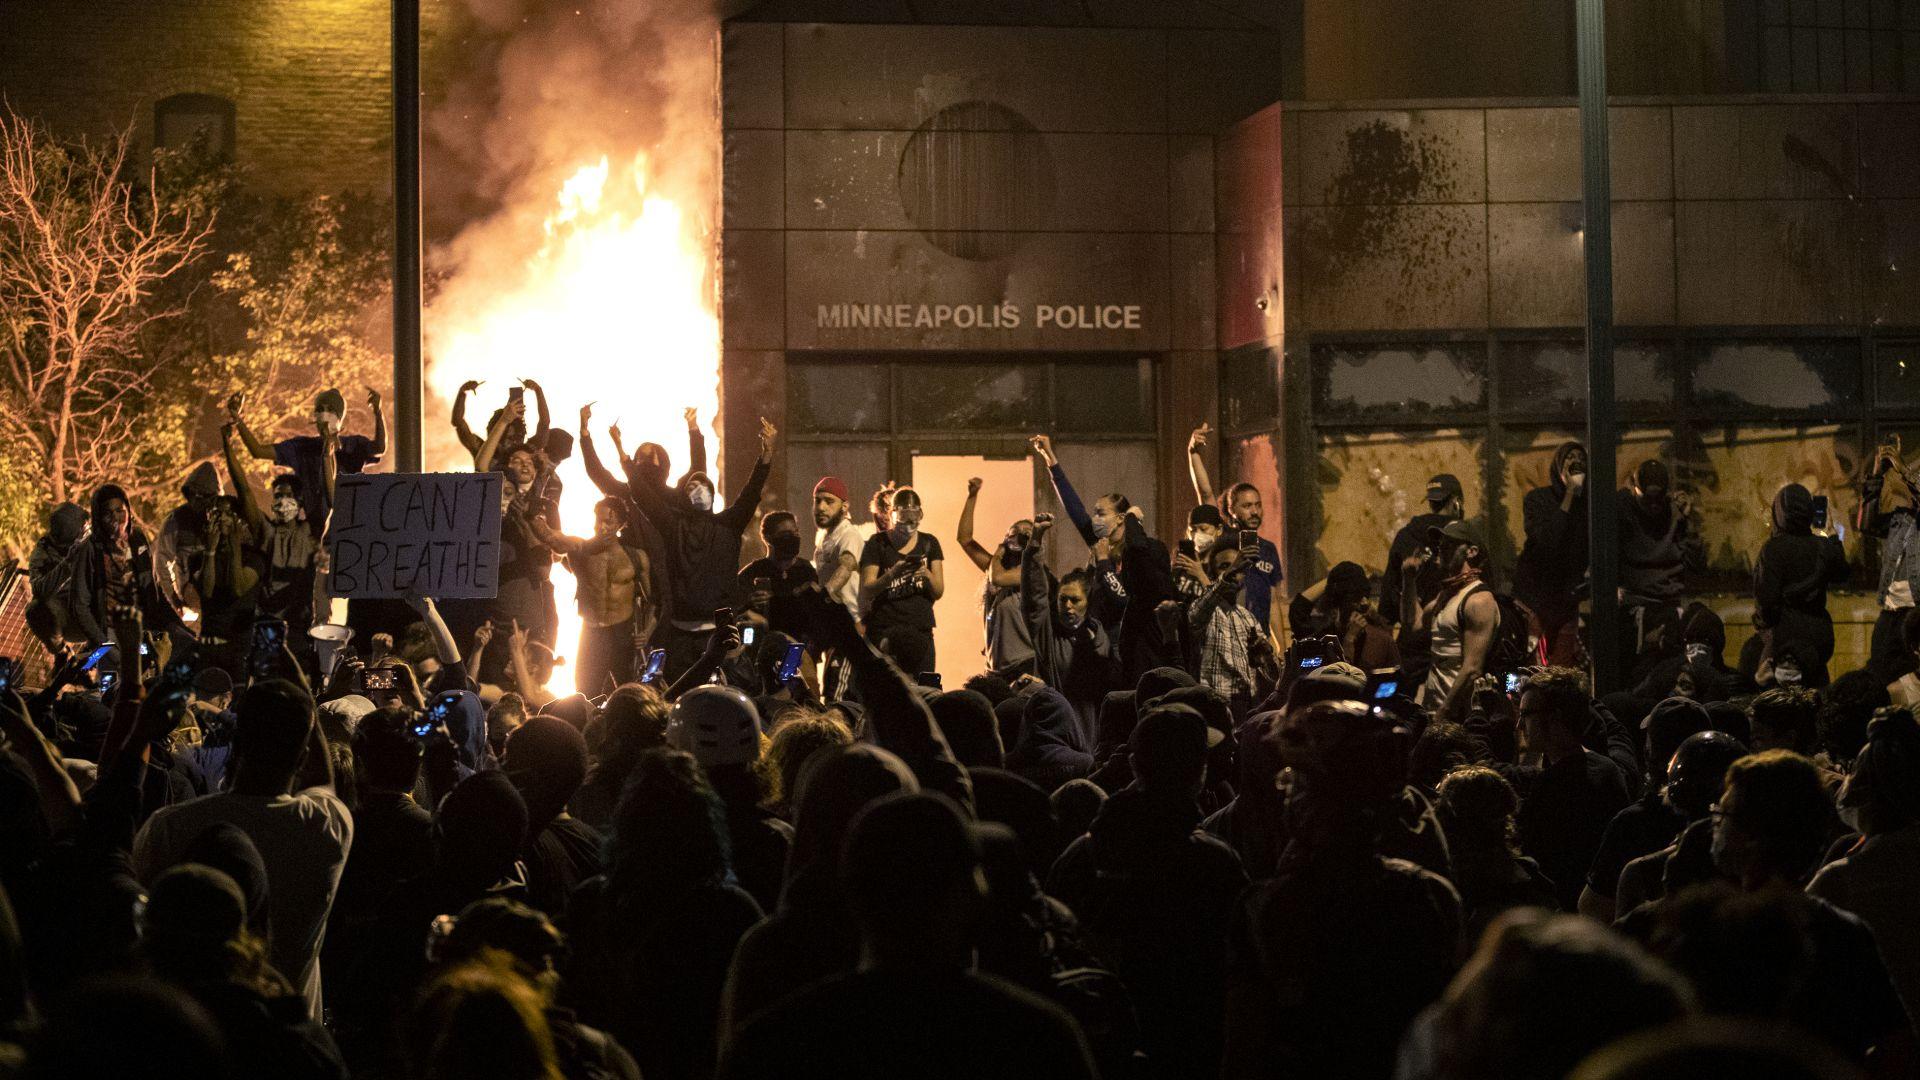 Екип на Ройтерс сред ранените в Минеаполис, при протестите в Индианаполис загина човек